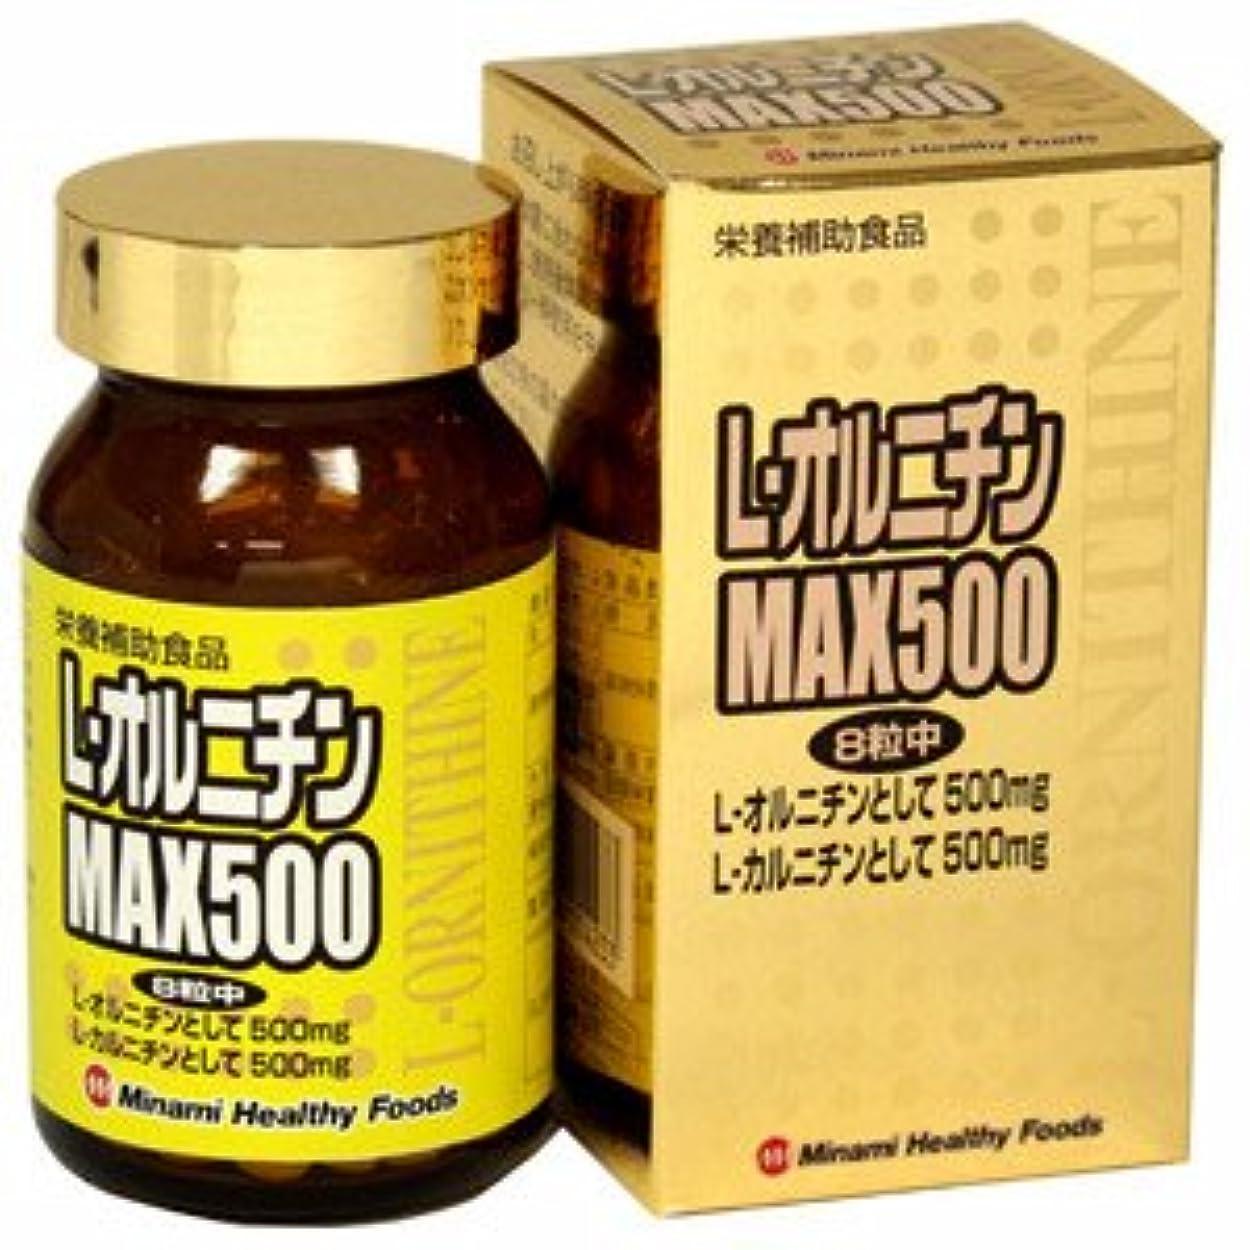 マニアックマザーランドマイルストーンミナミヘルシーフーズ L-オルニチンMAX500 240粒 4945904014233